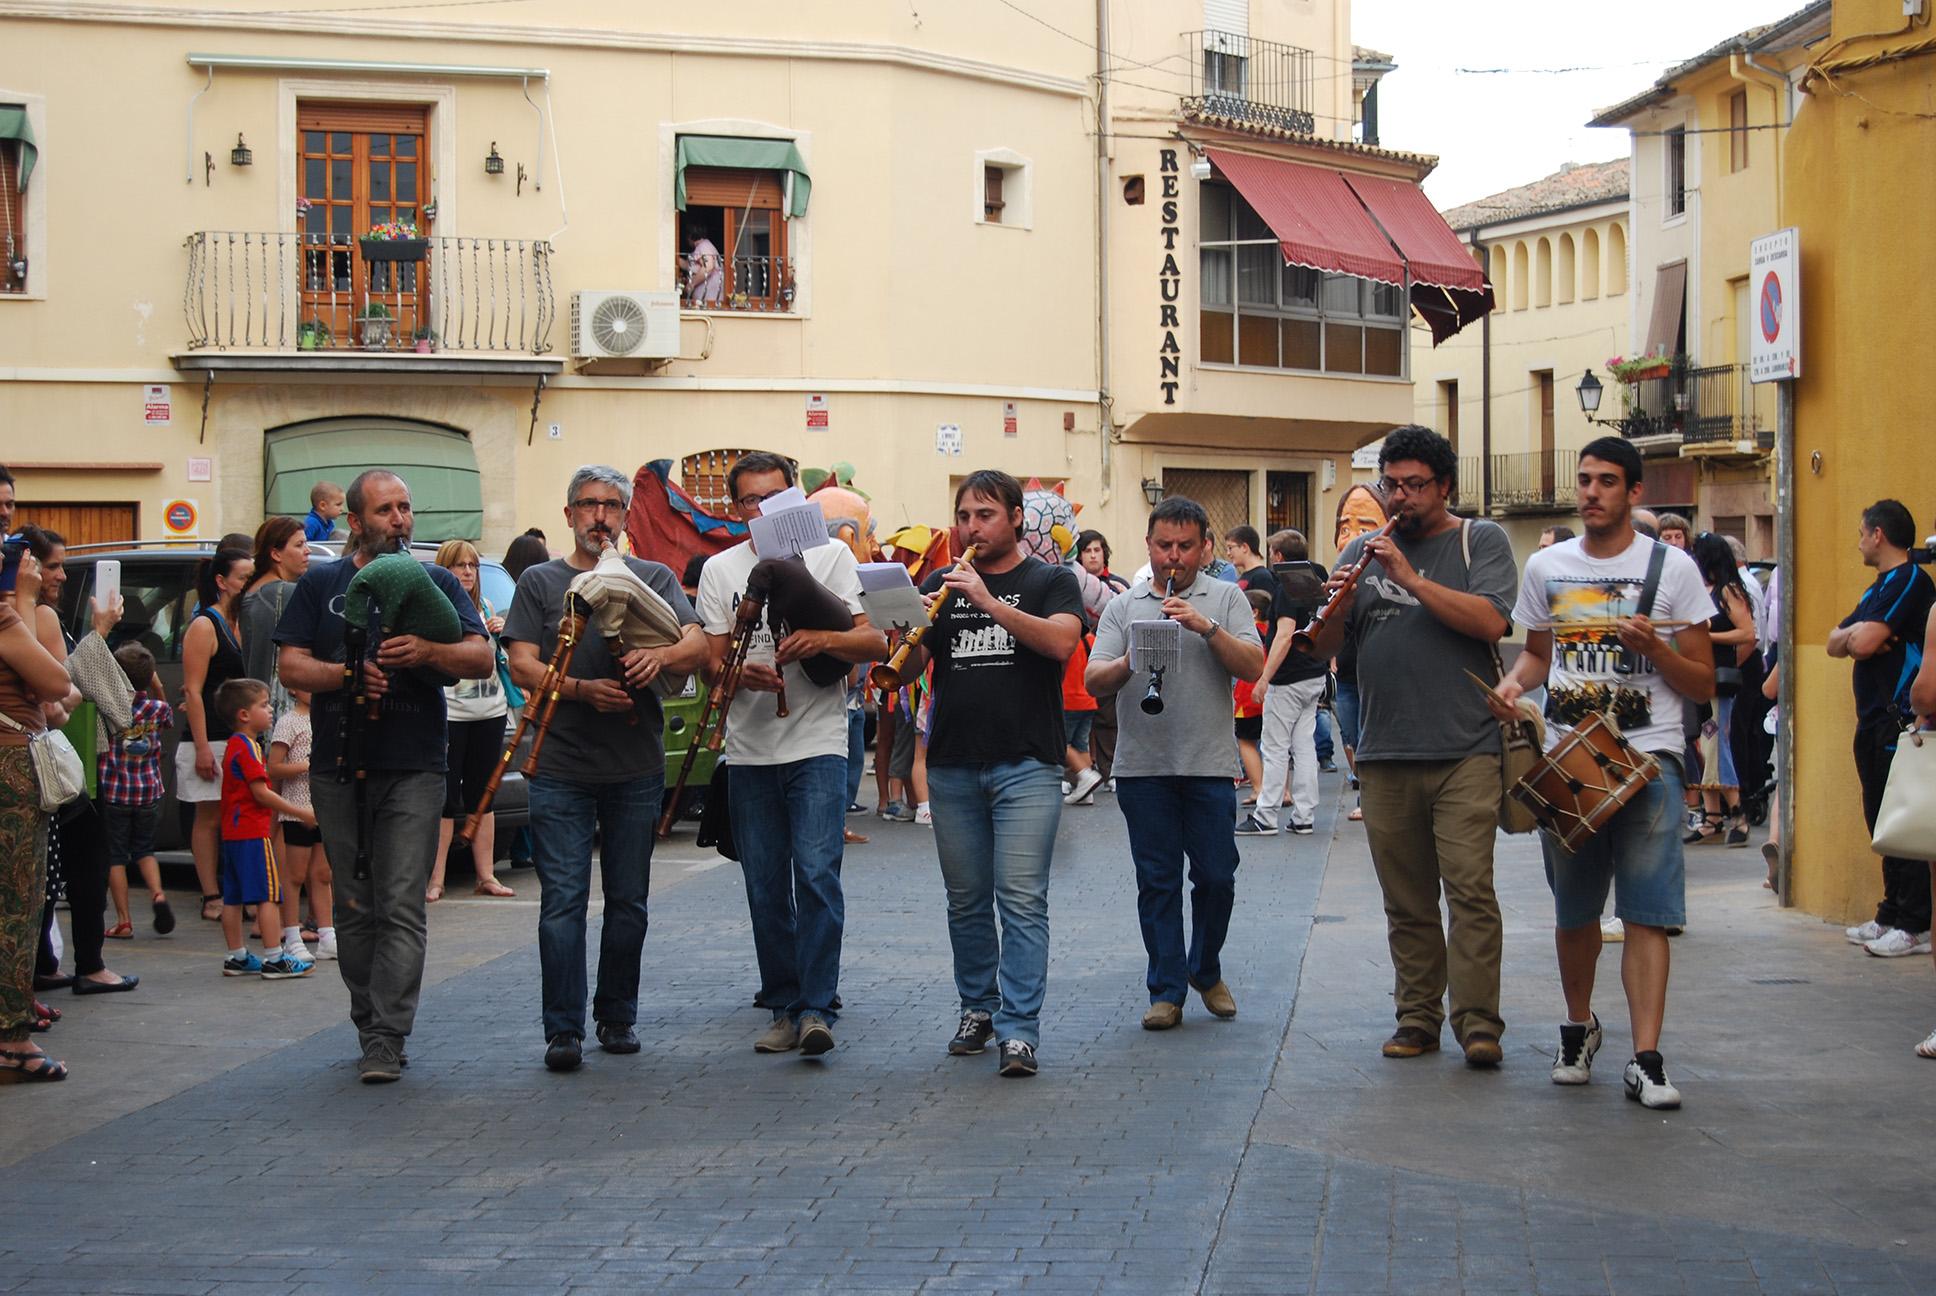 2014-06-13 Fi de curs menuts Baladre i Xafiga (79)